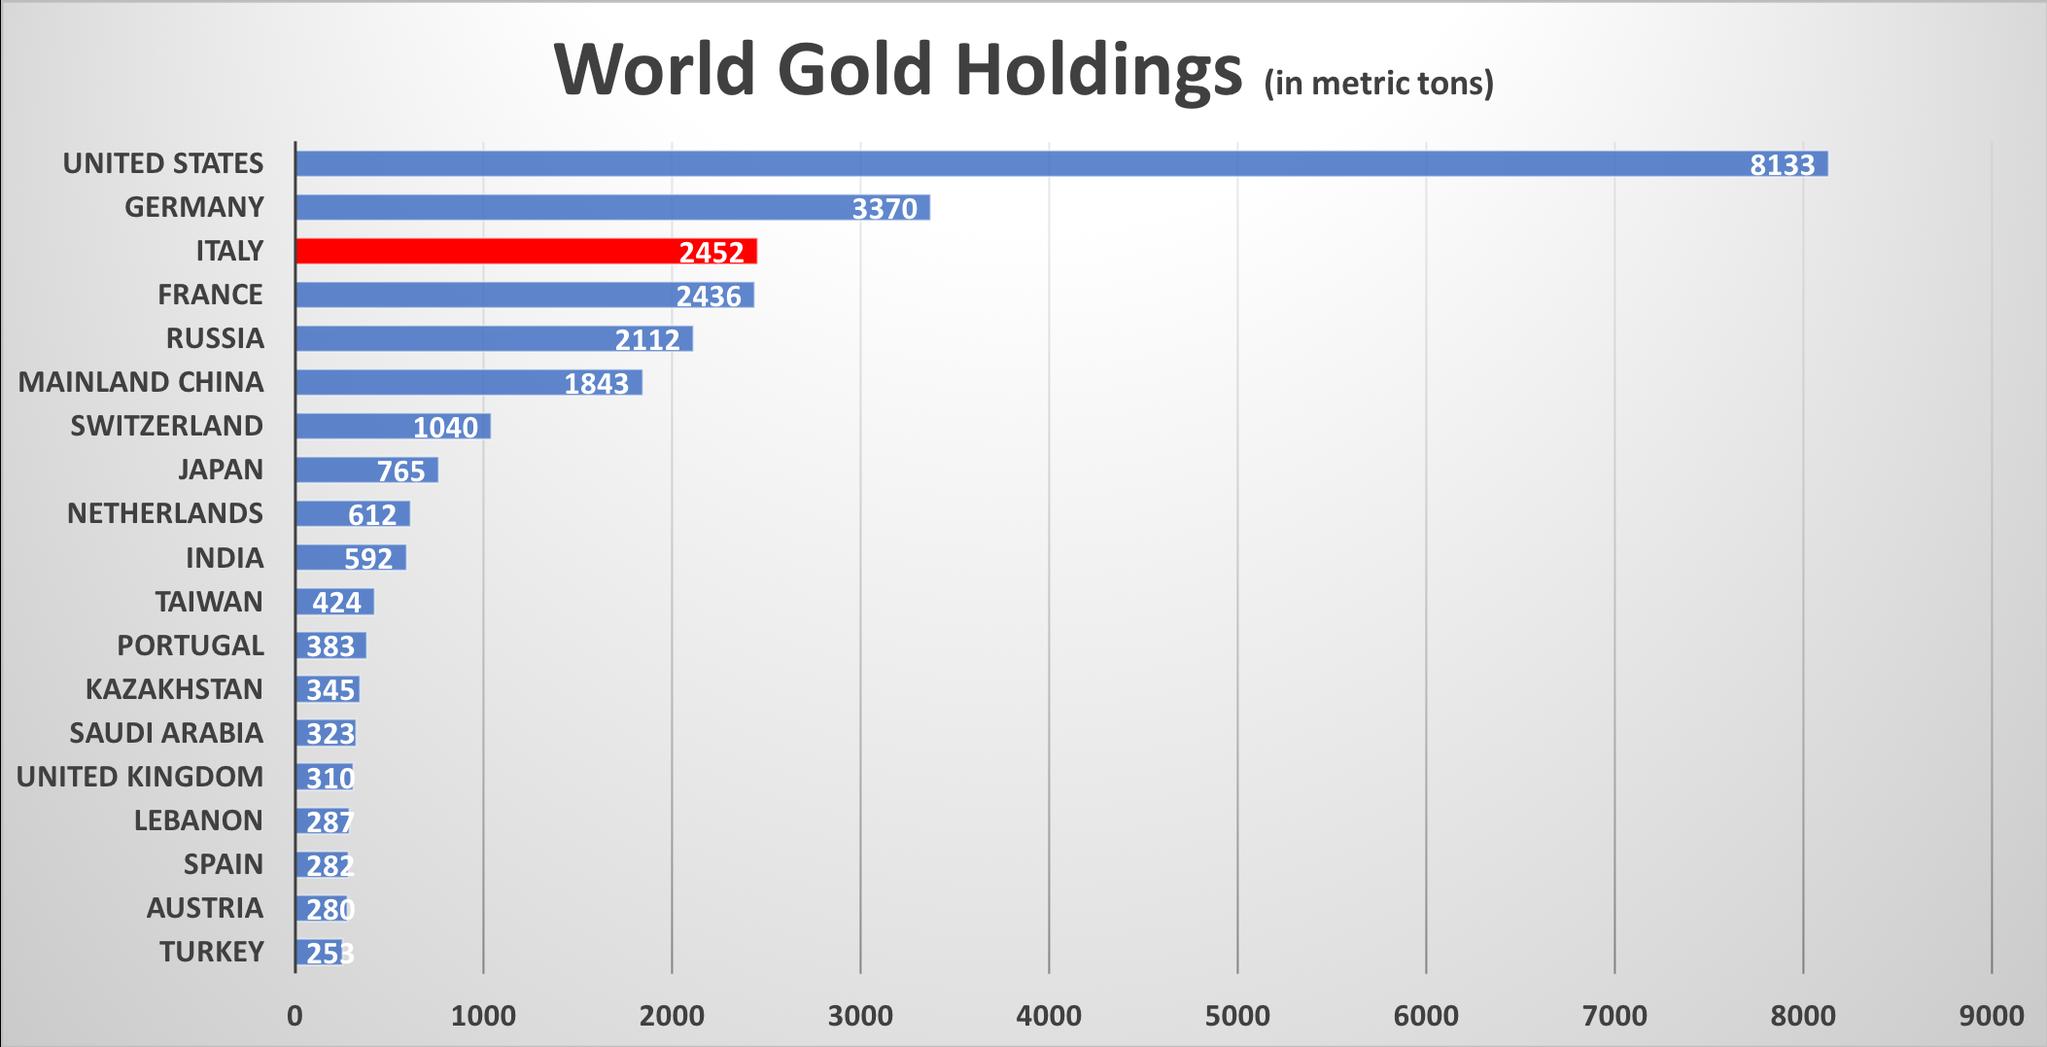 Topplista över länderna med största innehav av guld